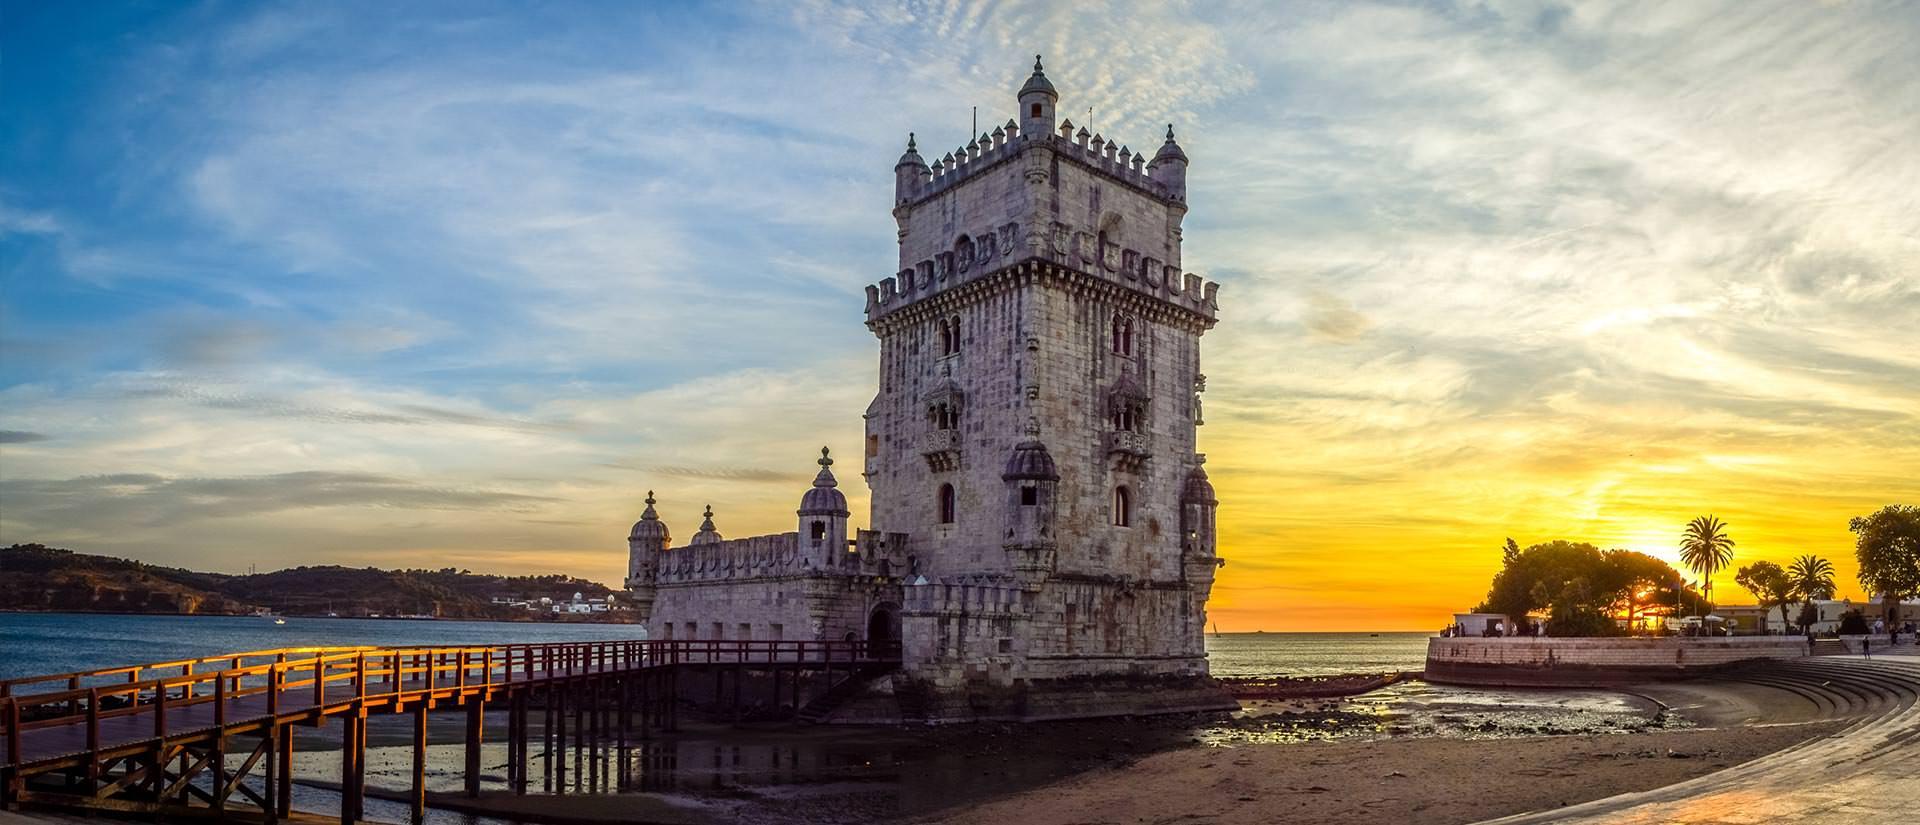 נופי פורטוגל, בטיול מאורגן לפורטוגל עם החברה הגיאוגרפית